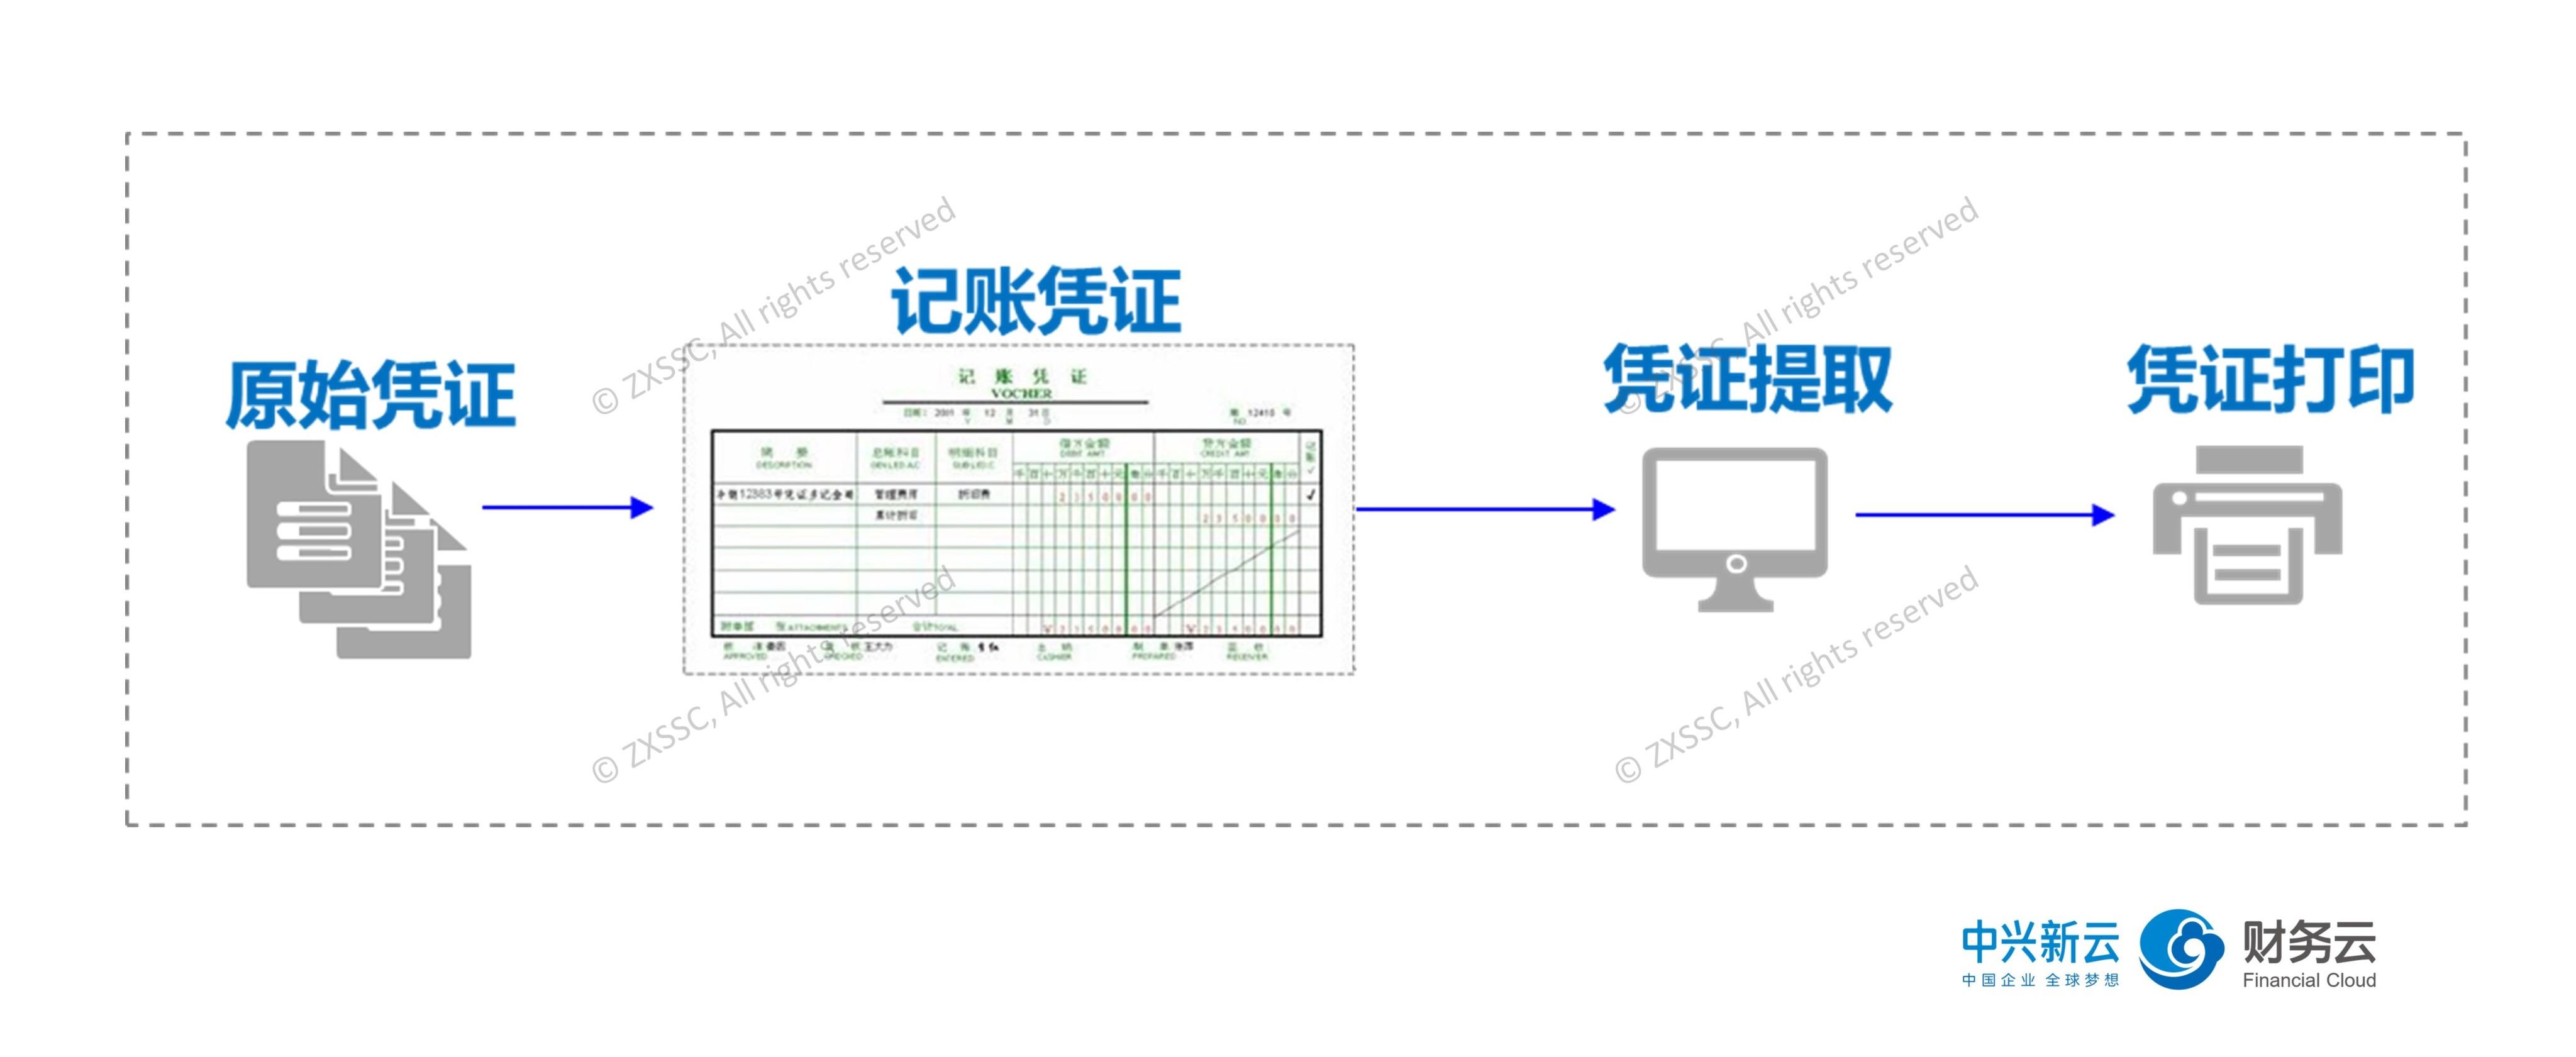 09凭证管理自动化.jpg